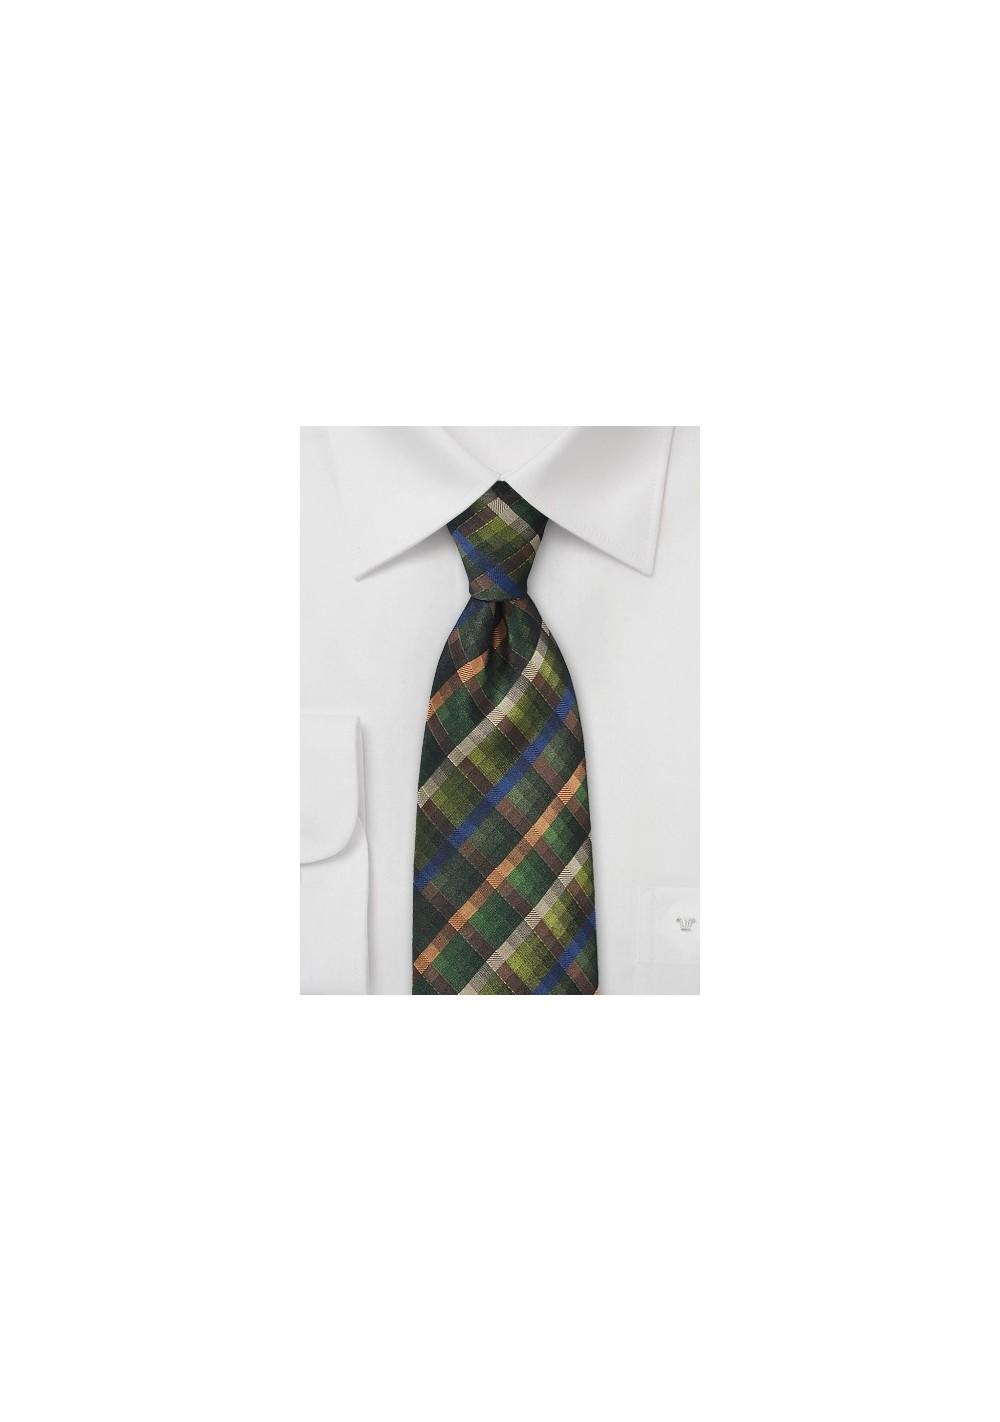 Plaid Textured Tie in Dark Winter Greens